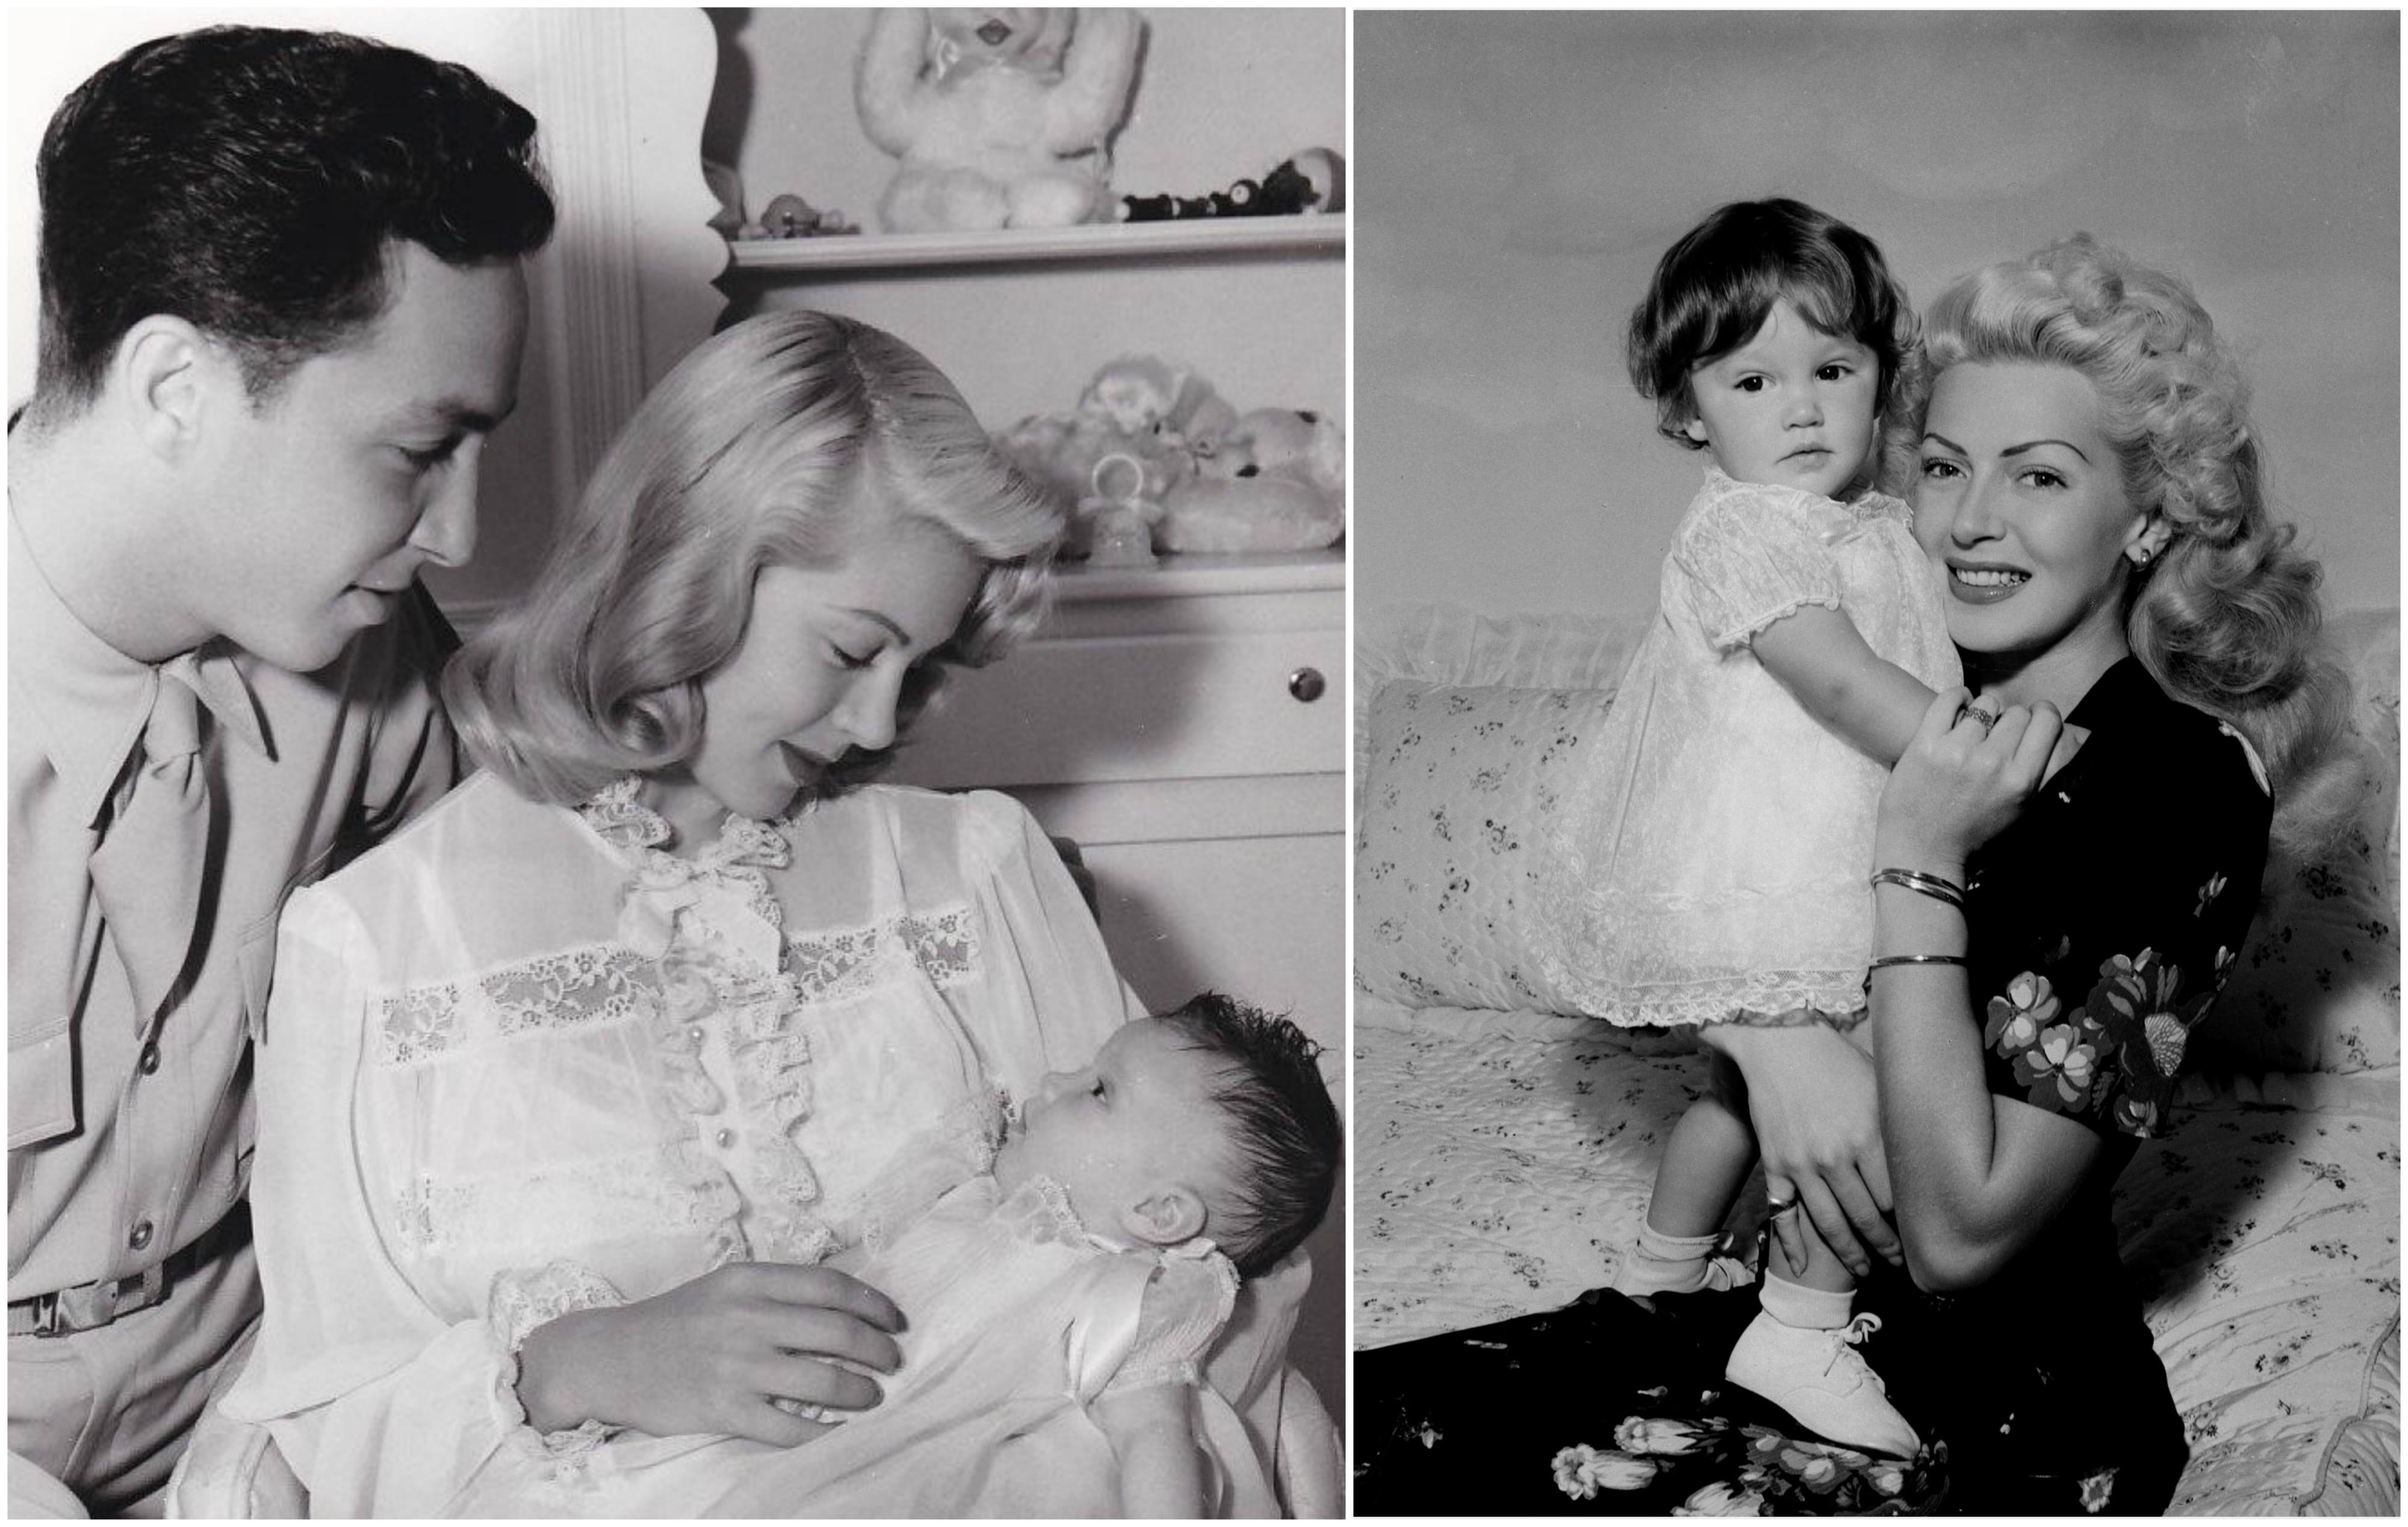 Z lewej Lana i Steve Crane razem z nowo narodzoną Cheryl, wrzesień 1943 r. Z prawej aktorka z córeczką kilkanaście miesięcy później (fot. Wikimedia.org / Domena publiczna / Kristine / Flickr.com / CC BY-NC 2.0)